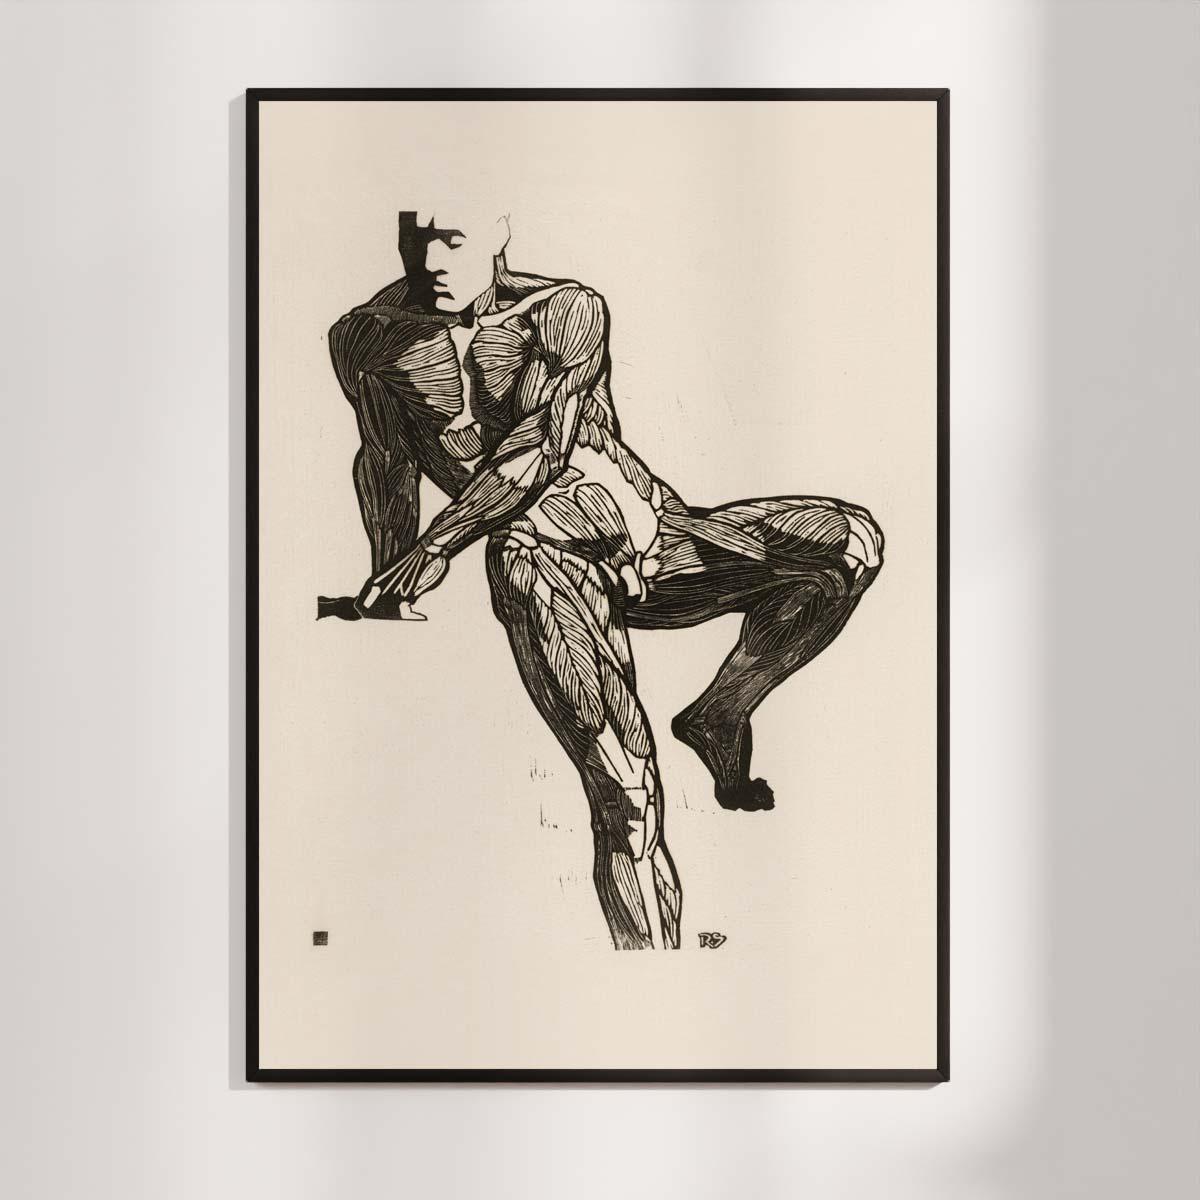 Plakat - Anatomisk træsnit - Studie af en mands bryst-, mave- og lårmuskler